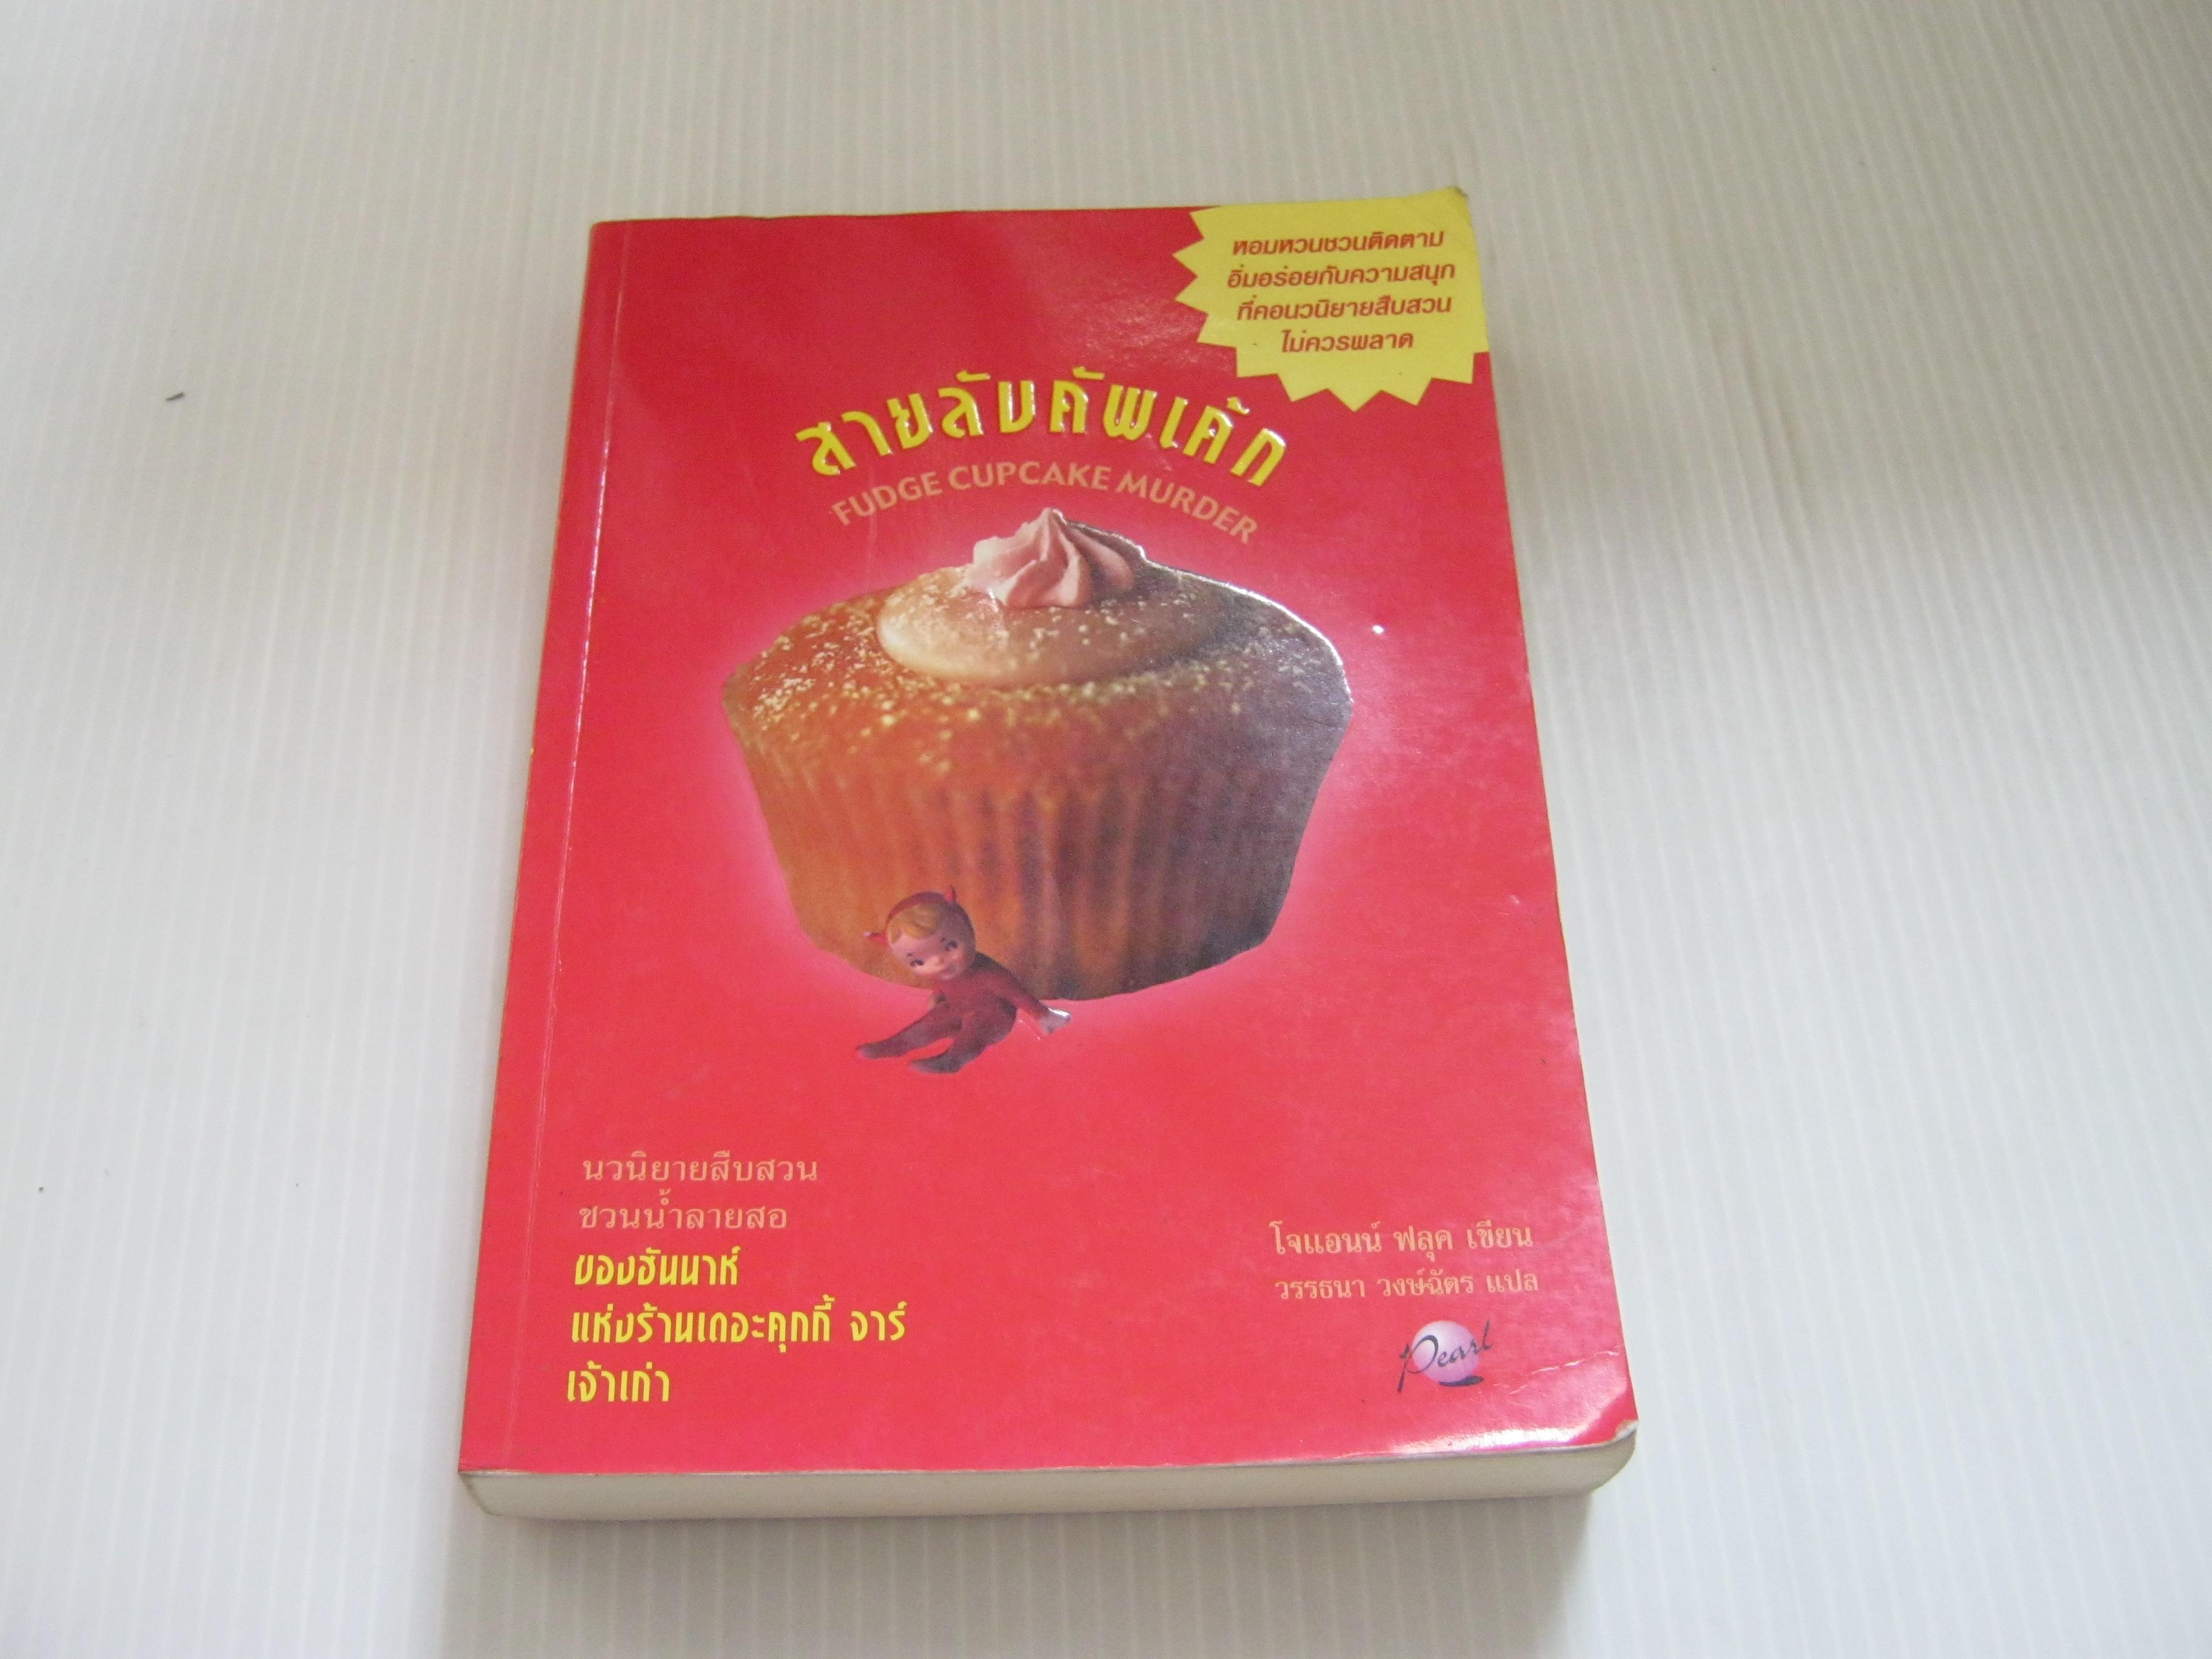 สายลับคัพเค้ก (Fudge Cupcake Murder) โจแอนน์ ฟลุค เขียน วรรธนา วงษ์ฉัตร แปล